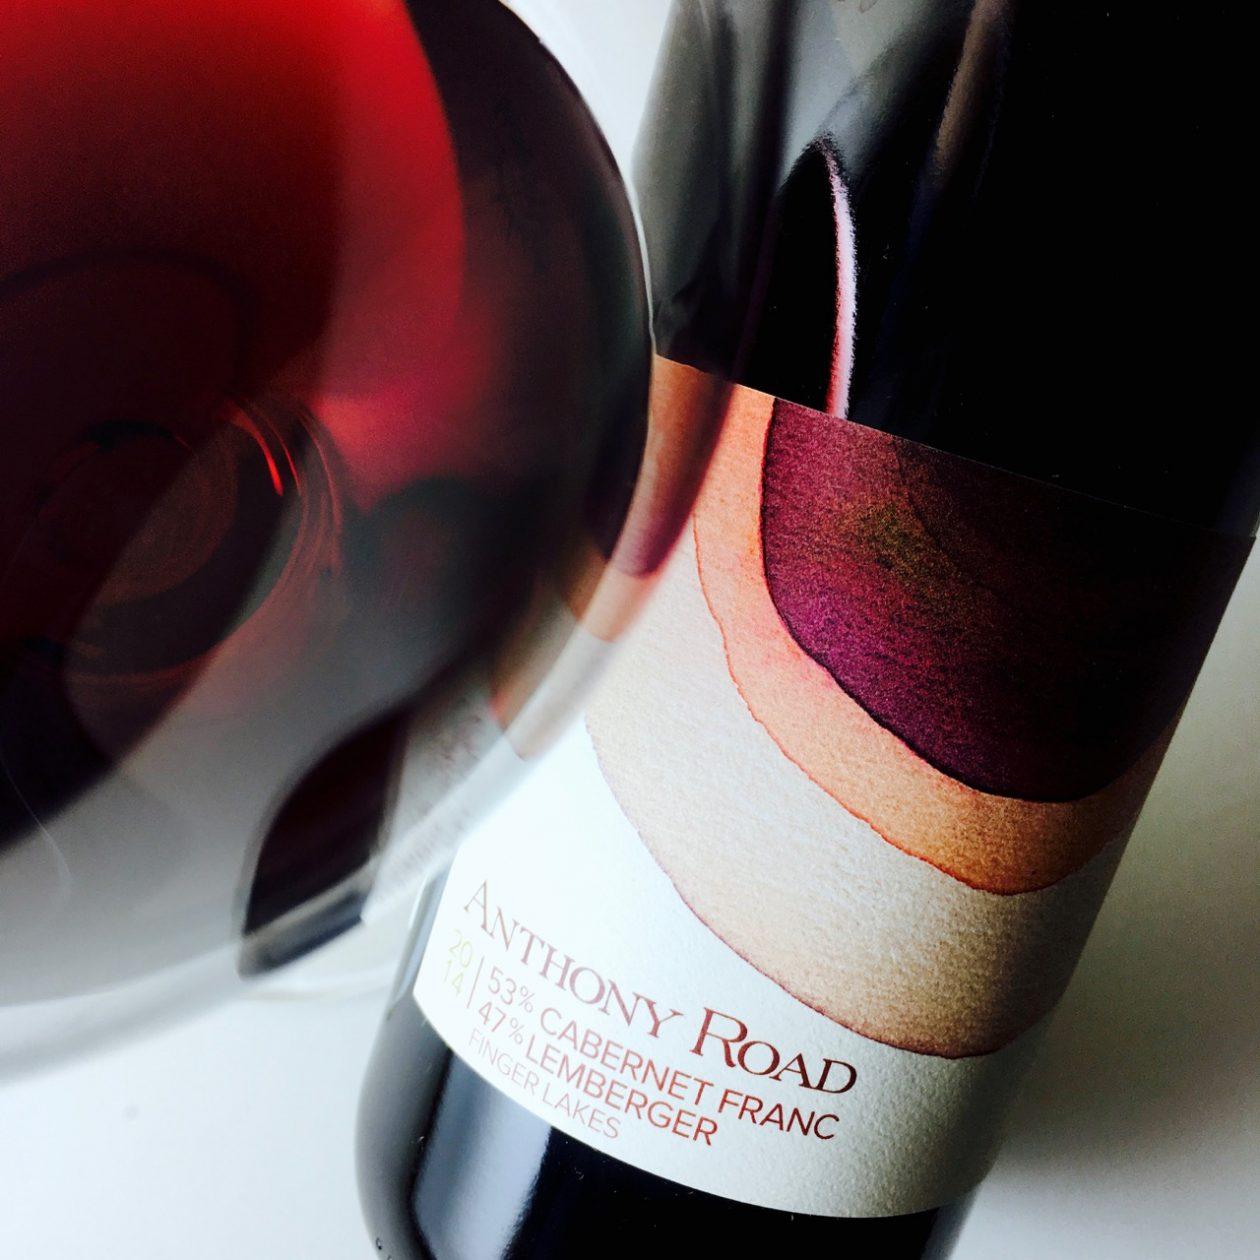 2014 Anthony Road Wine Company Cabernet Franc Lemberger Finger Lakes